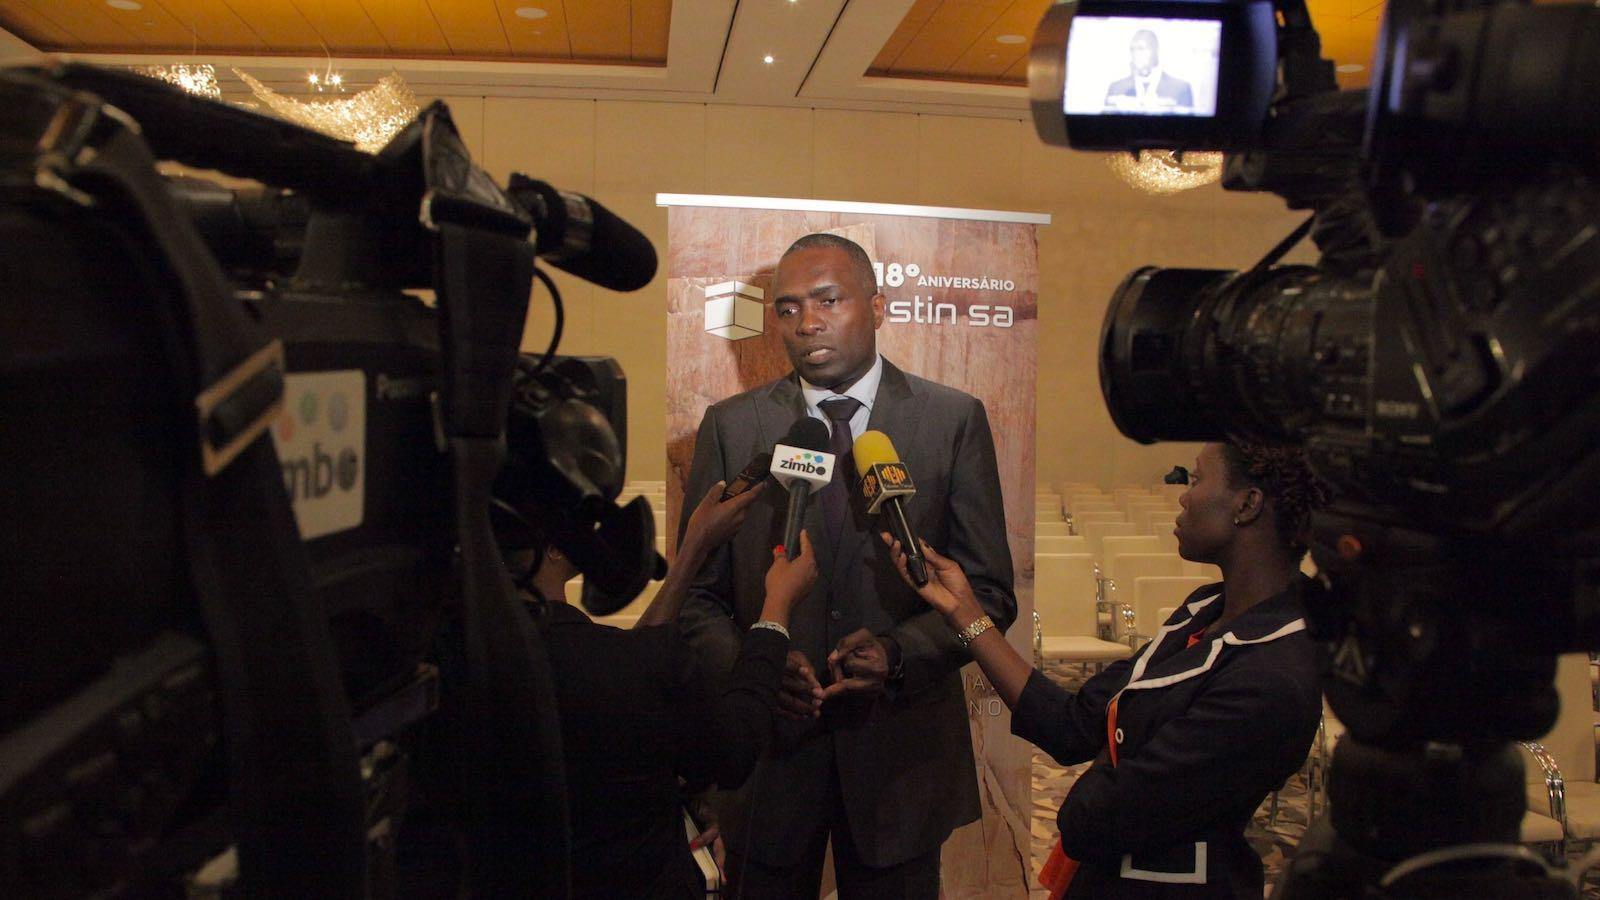 Porta-voz da Imogestin, Mário Guerra, falando à imprensa sobre os prémios